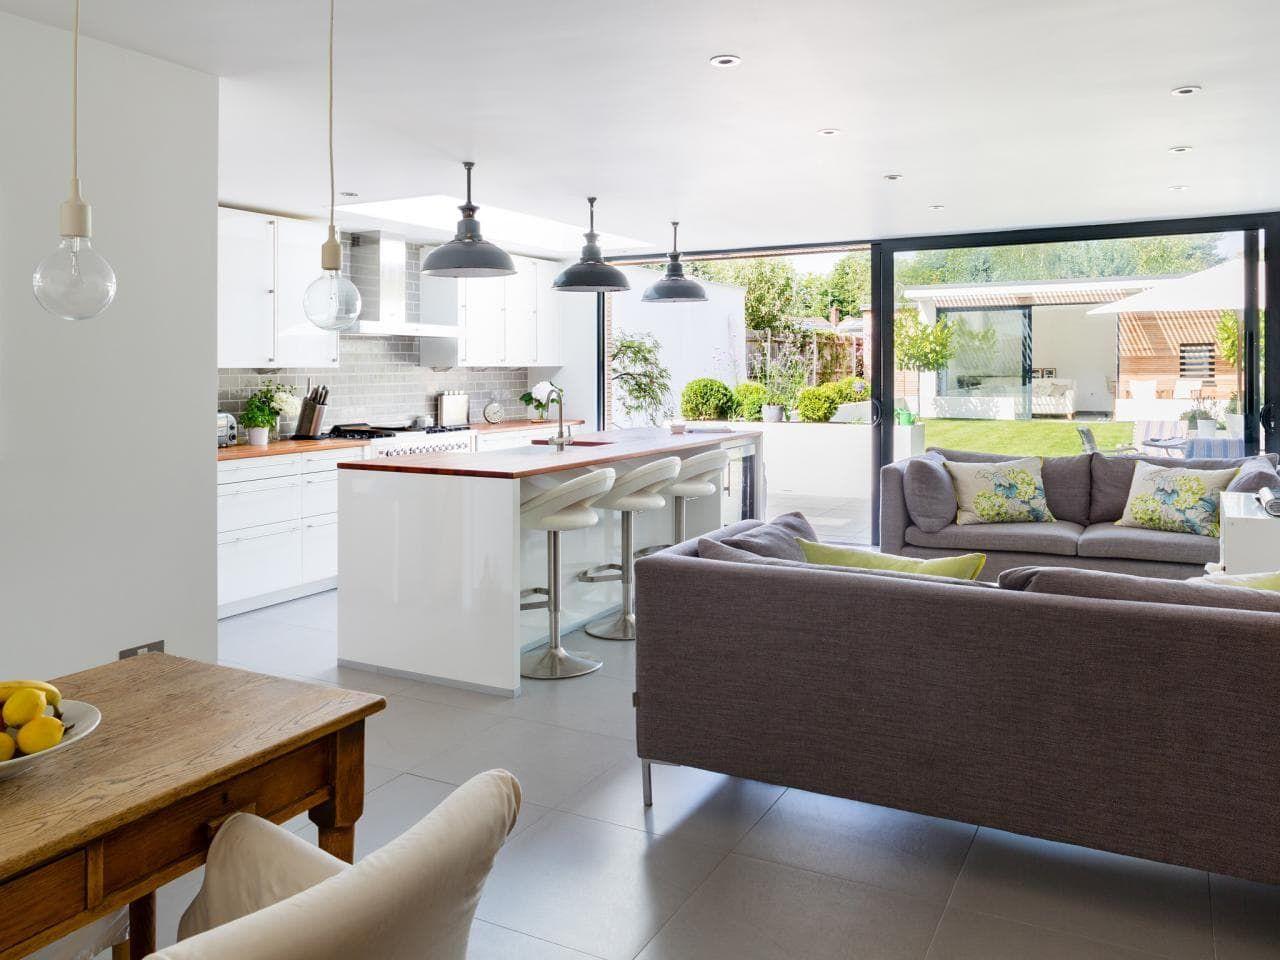 مطبخ صغير مفتوح على الصاله In 2020 Open Concept Kitchen Living Room Open Concept Kitchen Living Room Layout Living Room And Kitchen Design